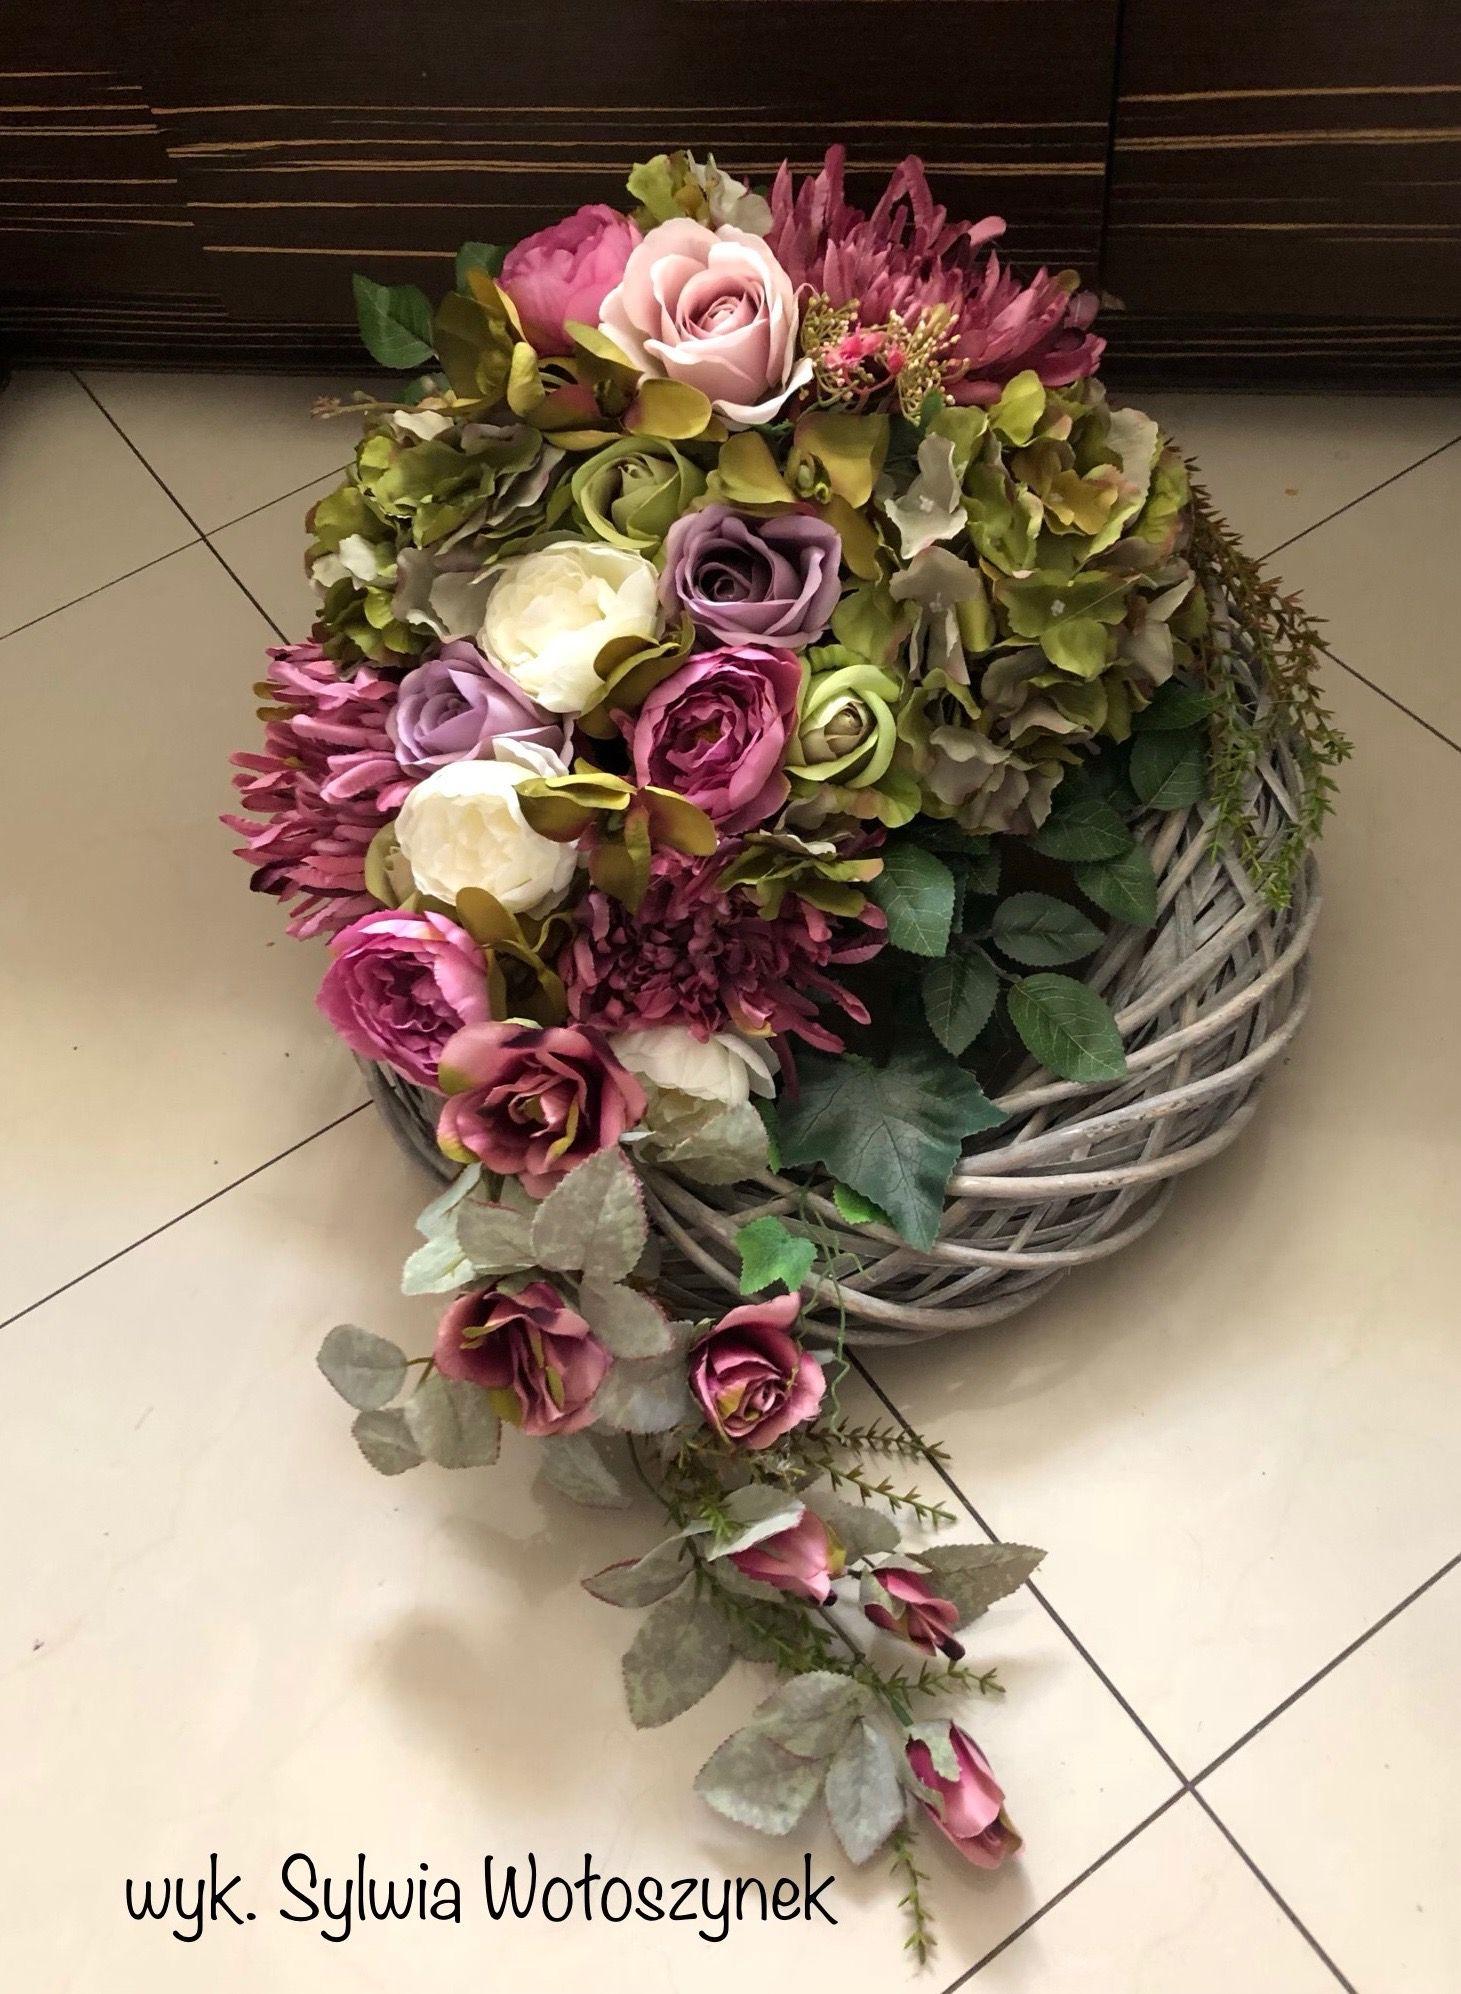 Kompozycja Nagrobna 2018 Wyk Sylwia Woloszynek Funeral Floral Flower Decorations Flower Arrangements